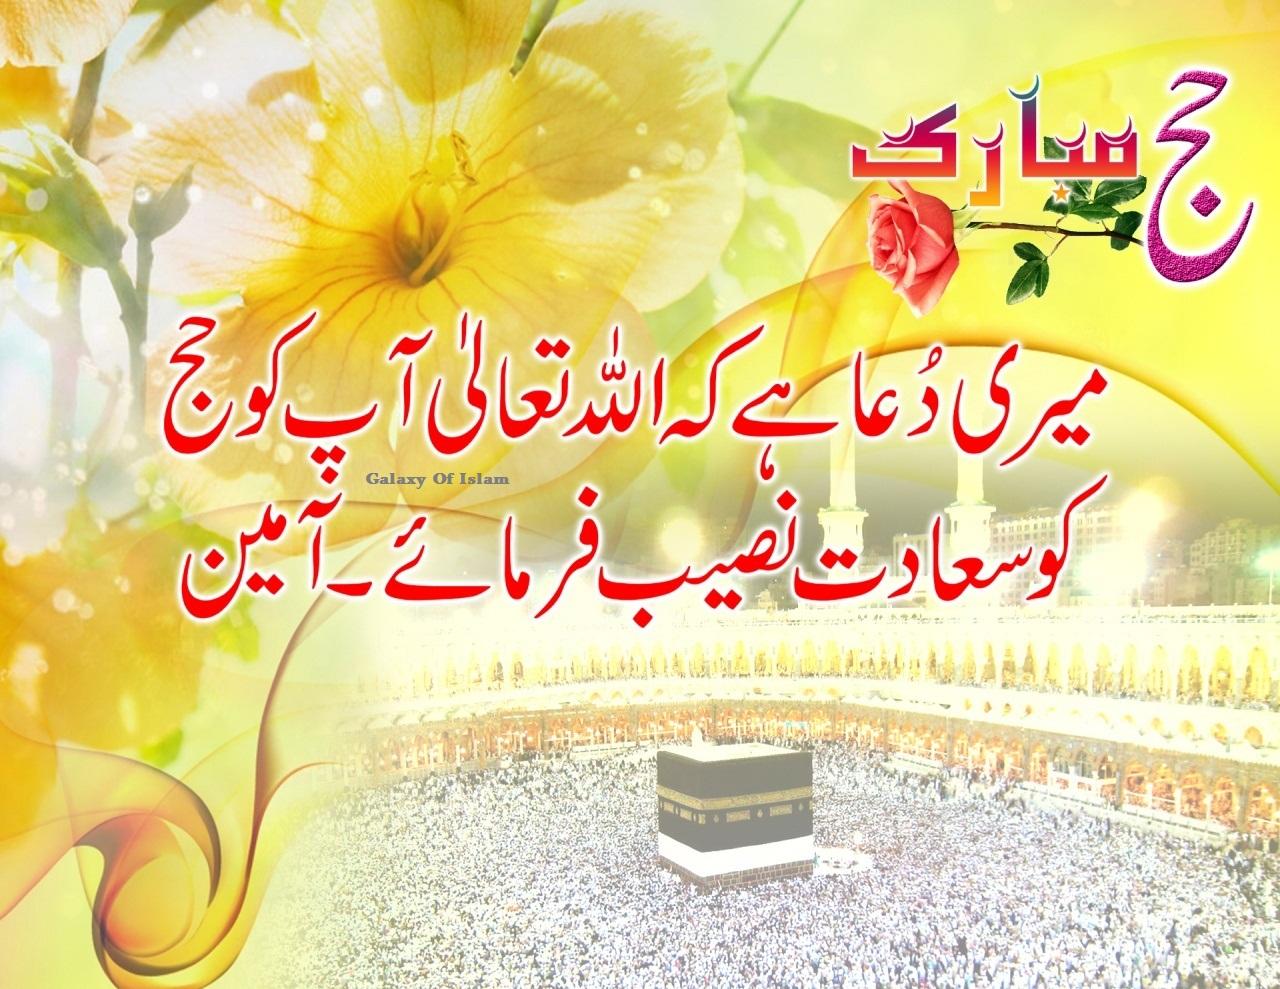 http://2.bp.blogspot.com/-Z2QXqDa5ZtU/UIg65v3l5II/AAAAAAAADCY/l3EMDwJFao4/s1600/hajj_mubarak_wallpaper-1280x1024.jpg